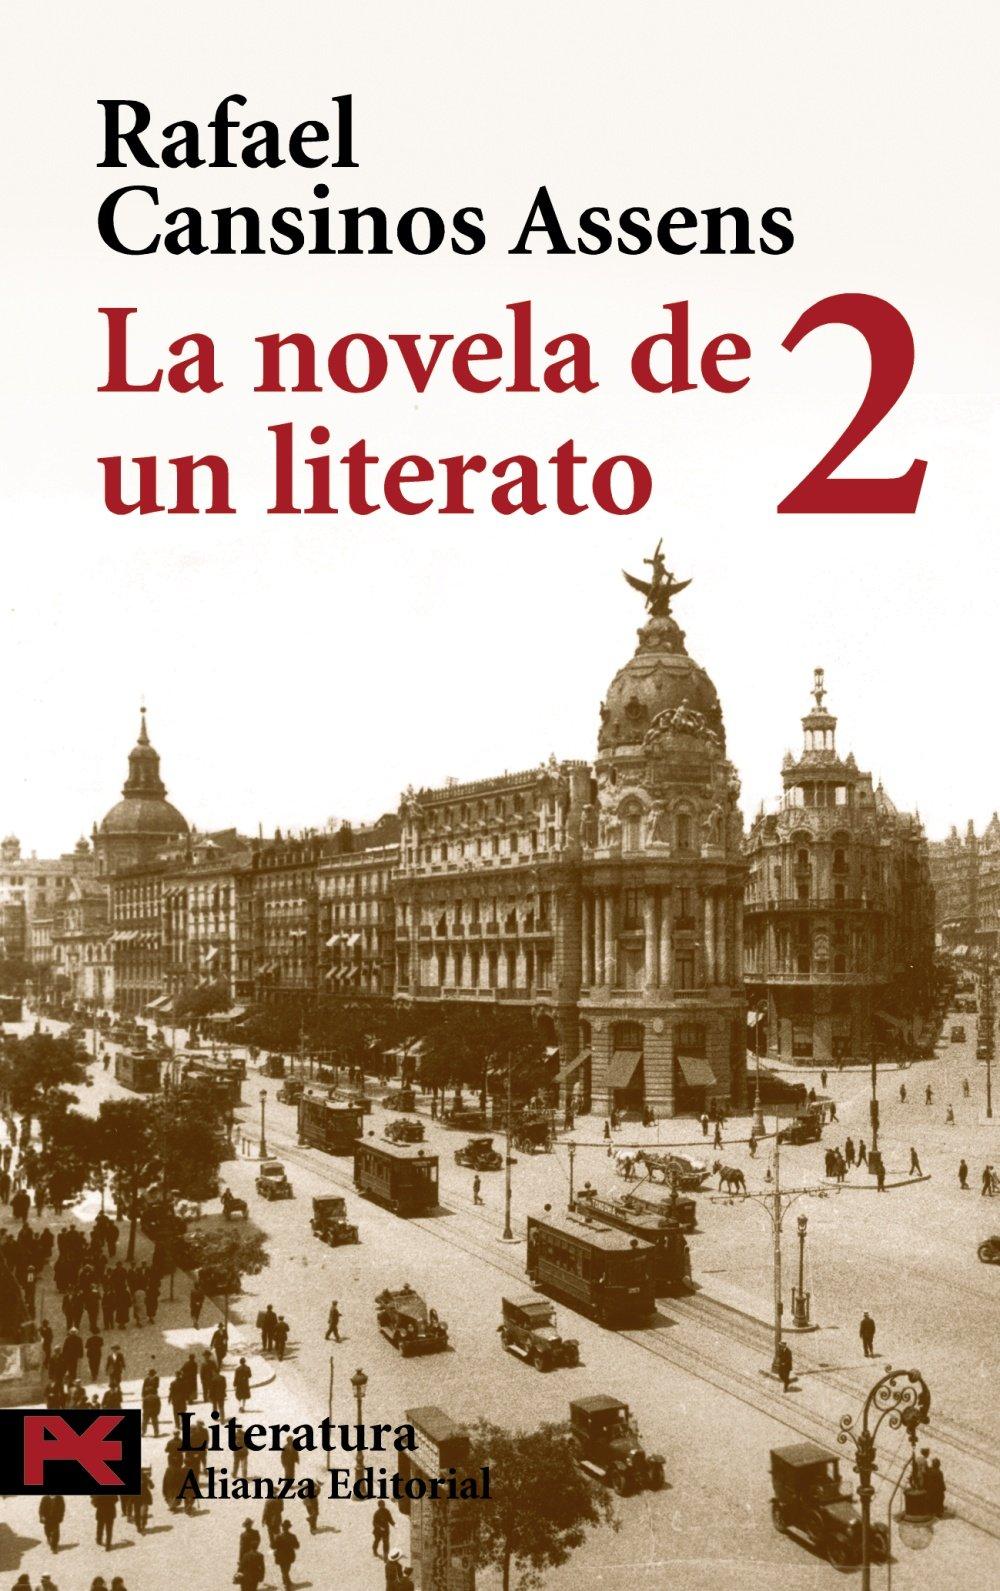 La novela de un literato, 2: Hombres, ideas, escenas, efemérides, anécdotas... 1914-1921 El Libro De Bolsillo - Literatura: Amazon.es: Rafael Cansinos ...